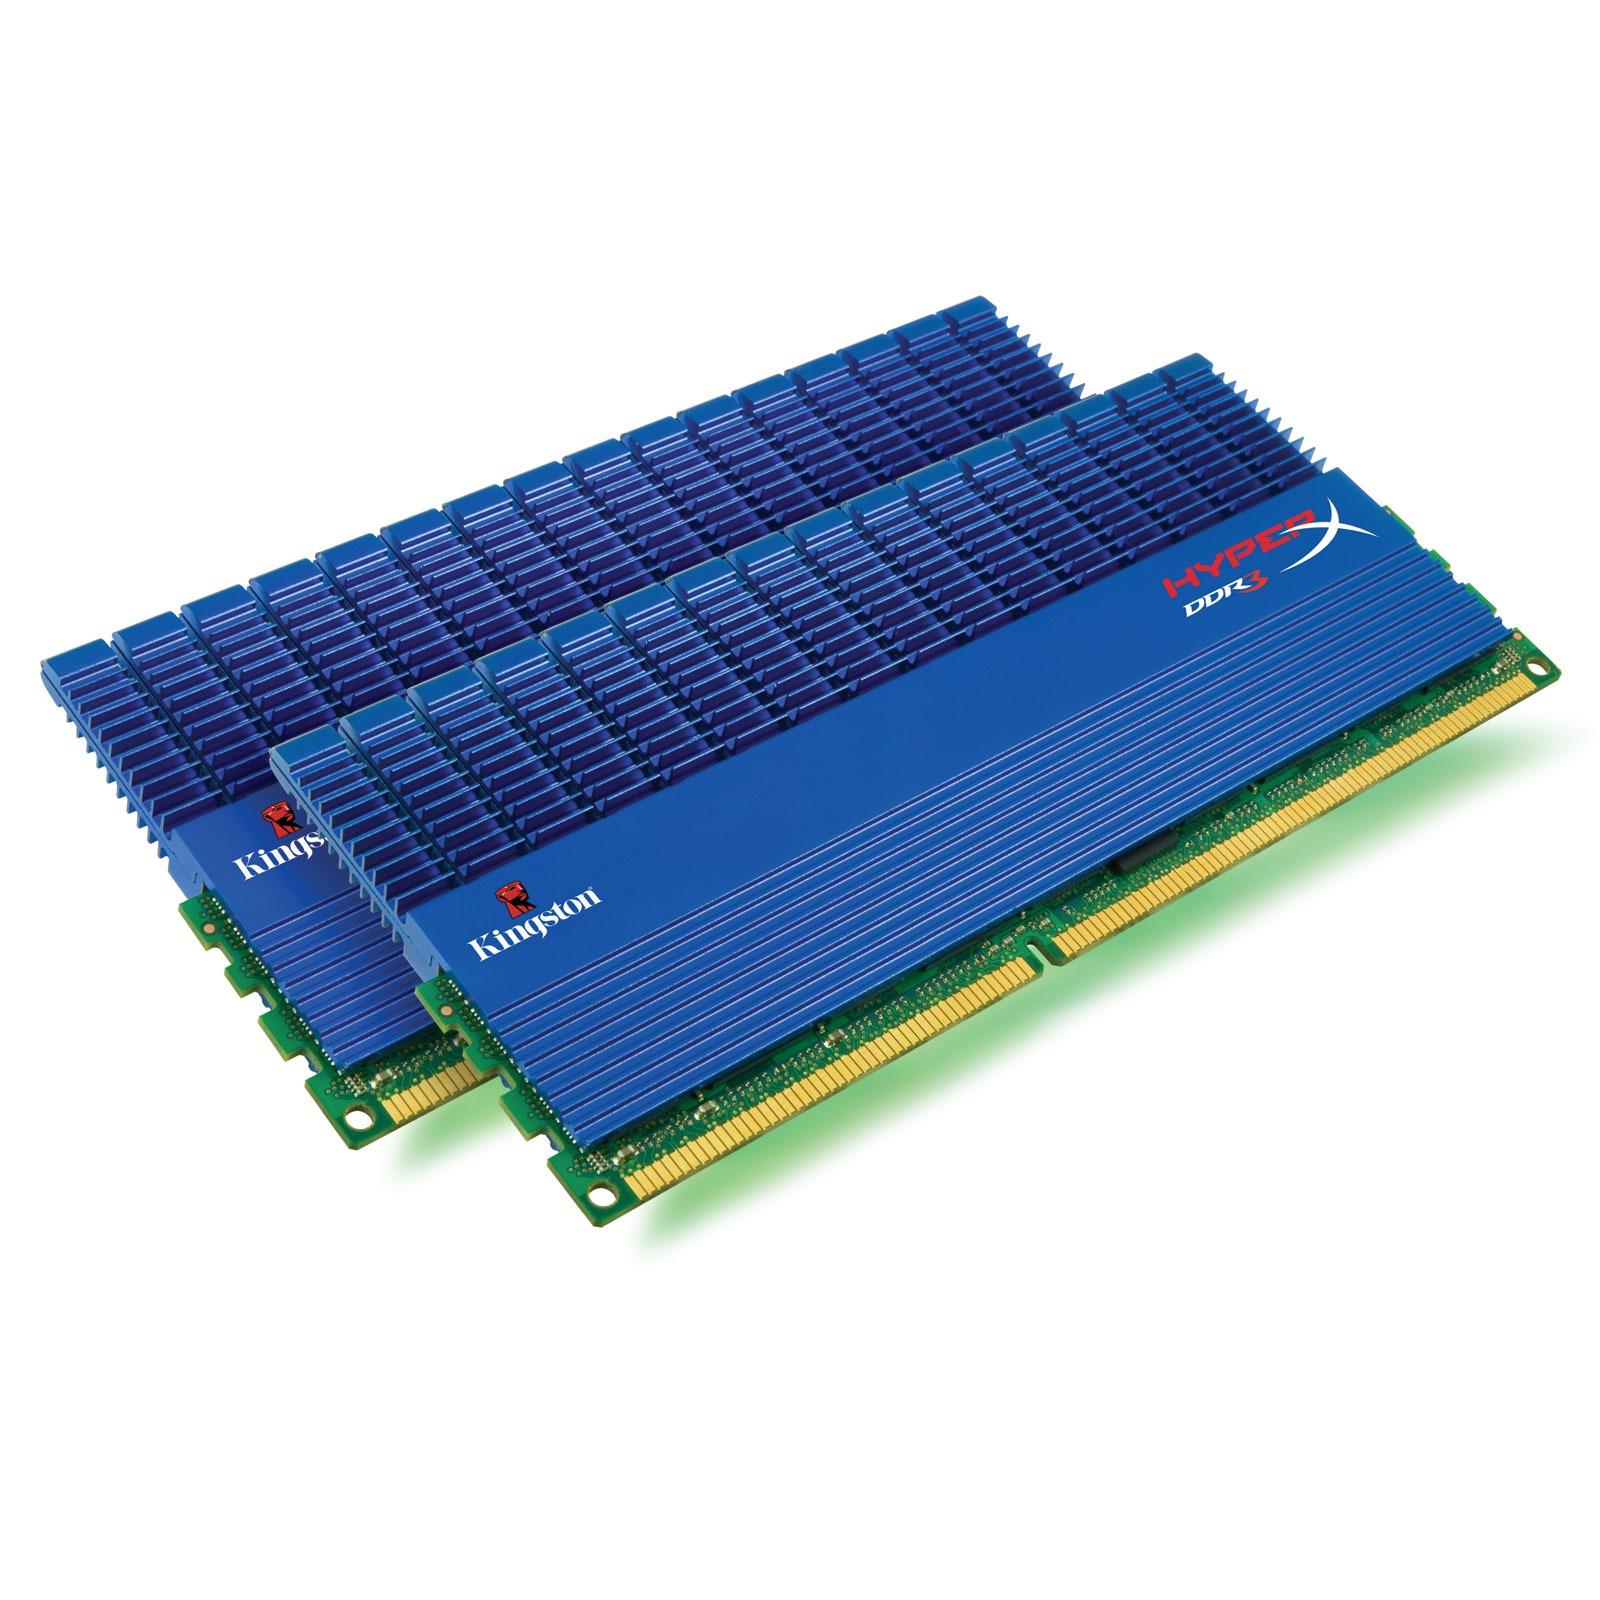 Mémoire PC Kingston XMP T1 4 Go (2x 2Go) DDR3 2333 MHz Kingston XMP T1 4 Go (kit 2x 2 Go) DDR3-SDRAM PC3-18666 CL9 - KHX2333C9D3T1K2/4GX (garantie 10 ans par Kingston)